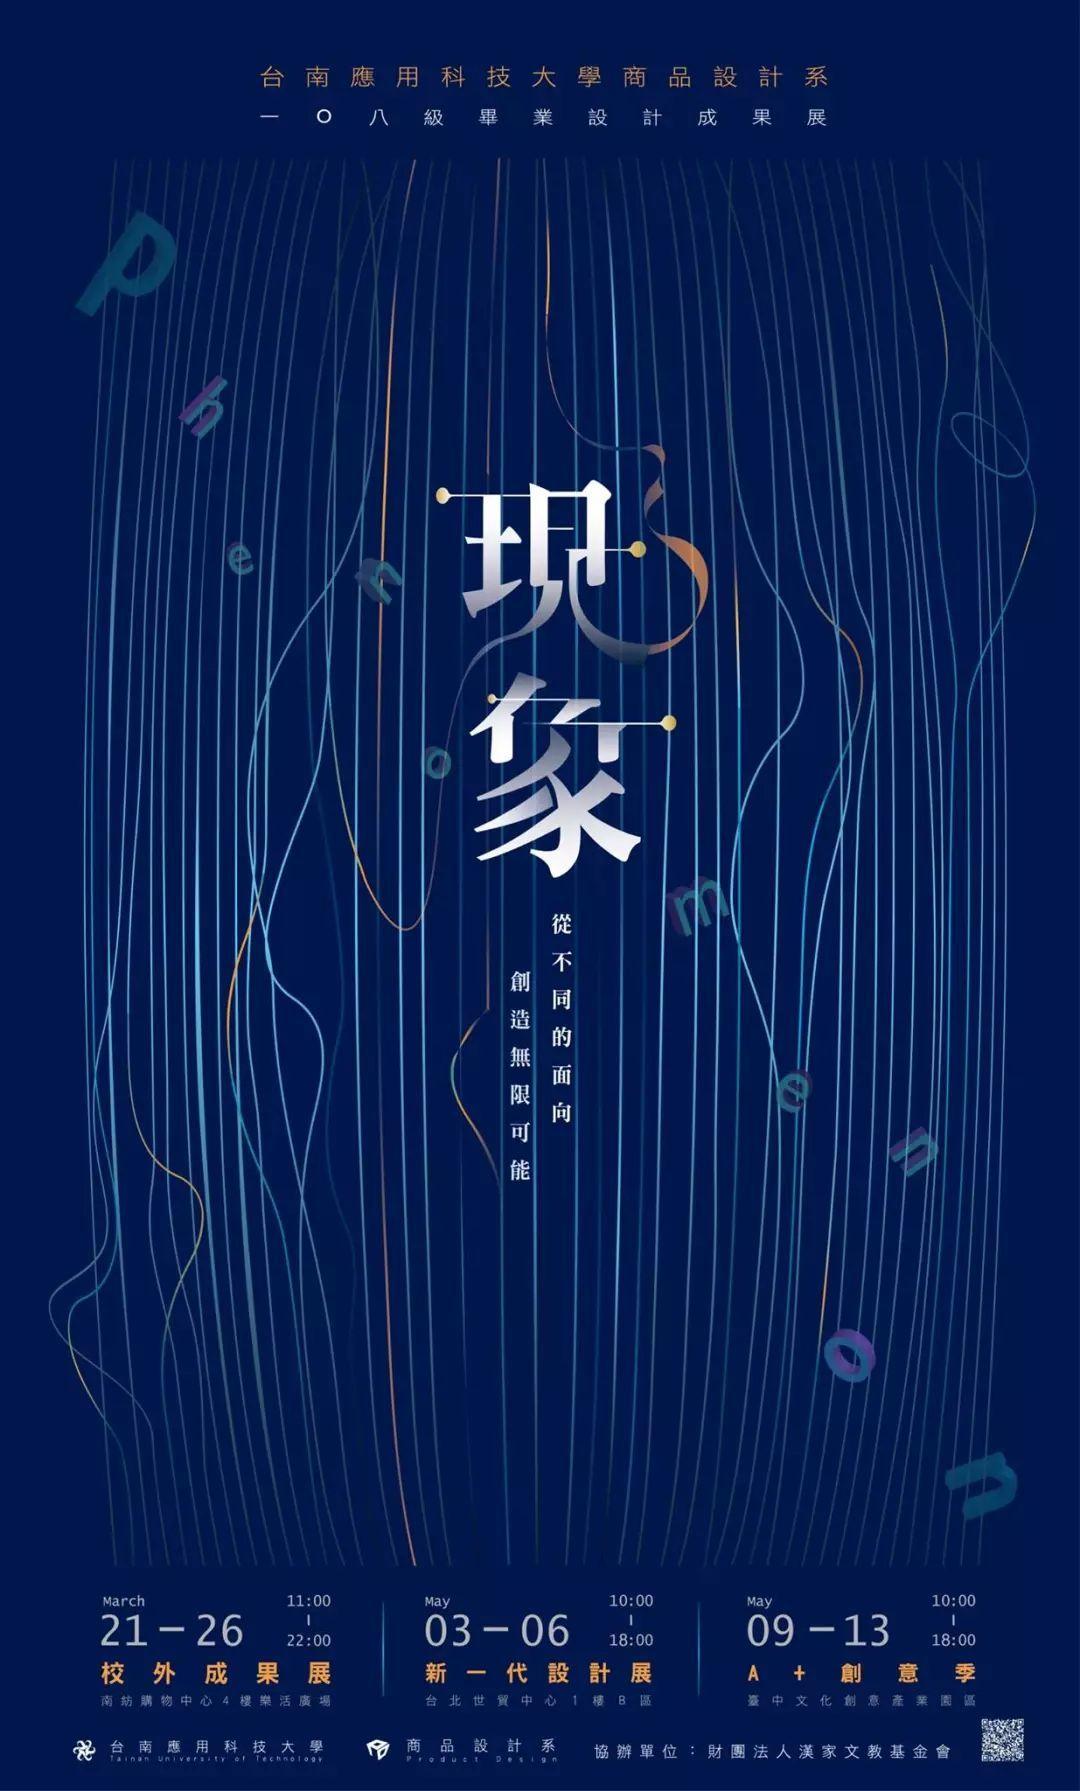 国际资讯_2019台湾高校毕业设计展海报欣赏 - 设计之家